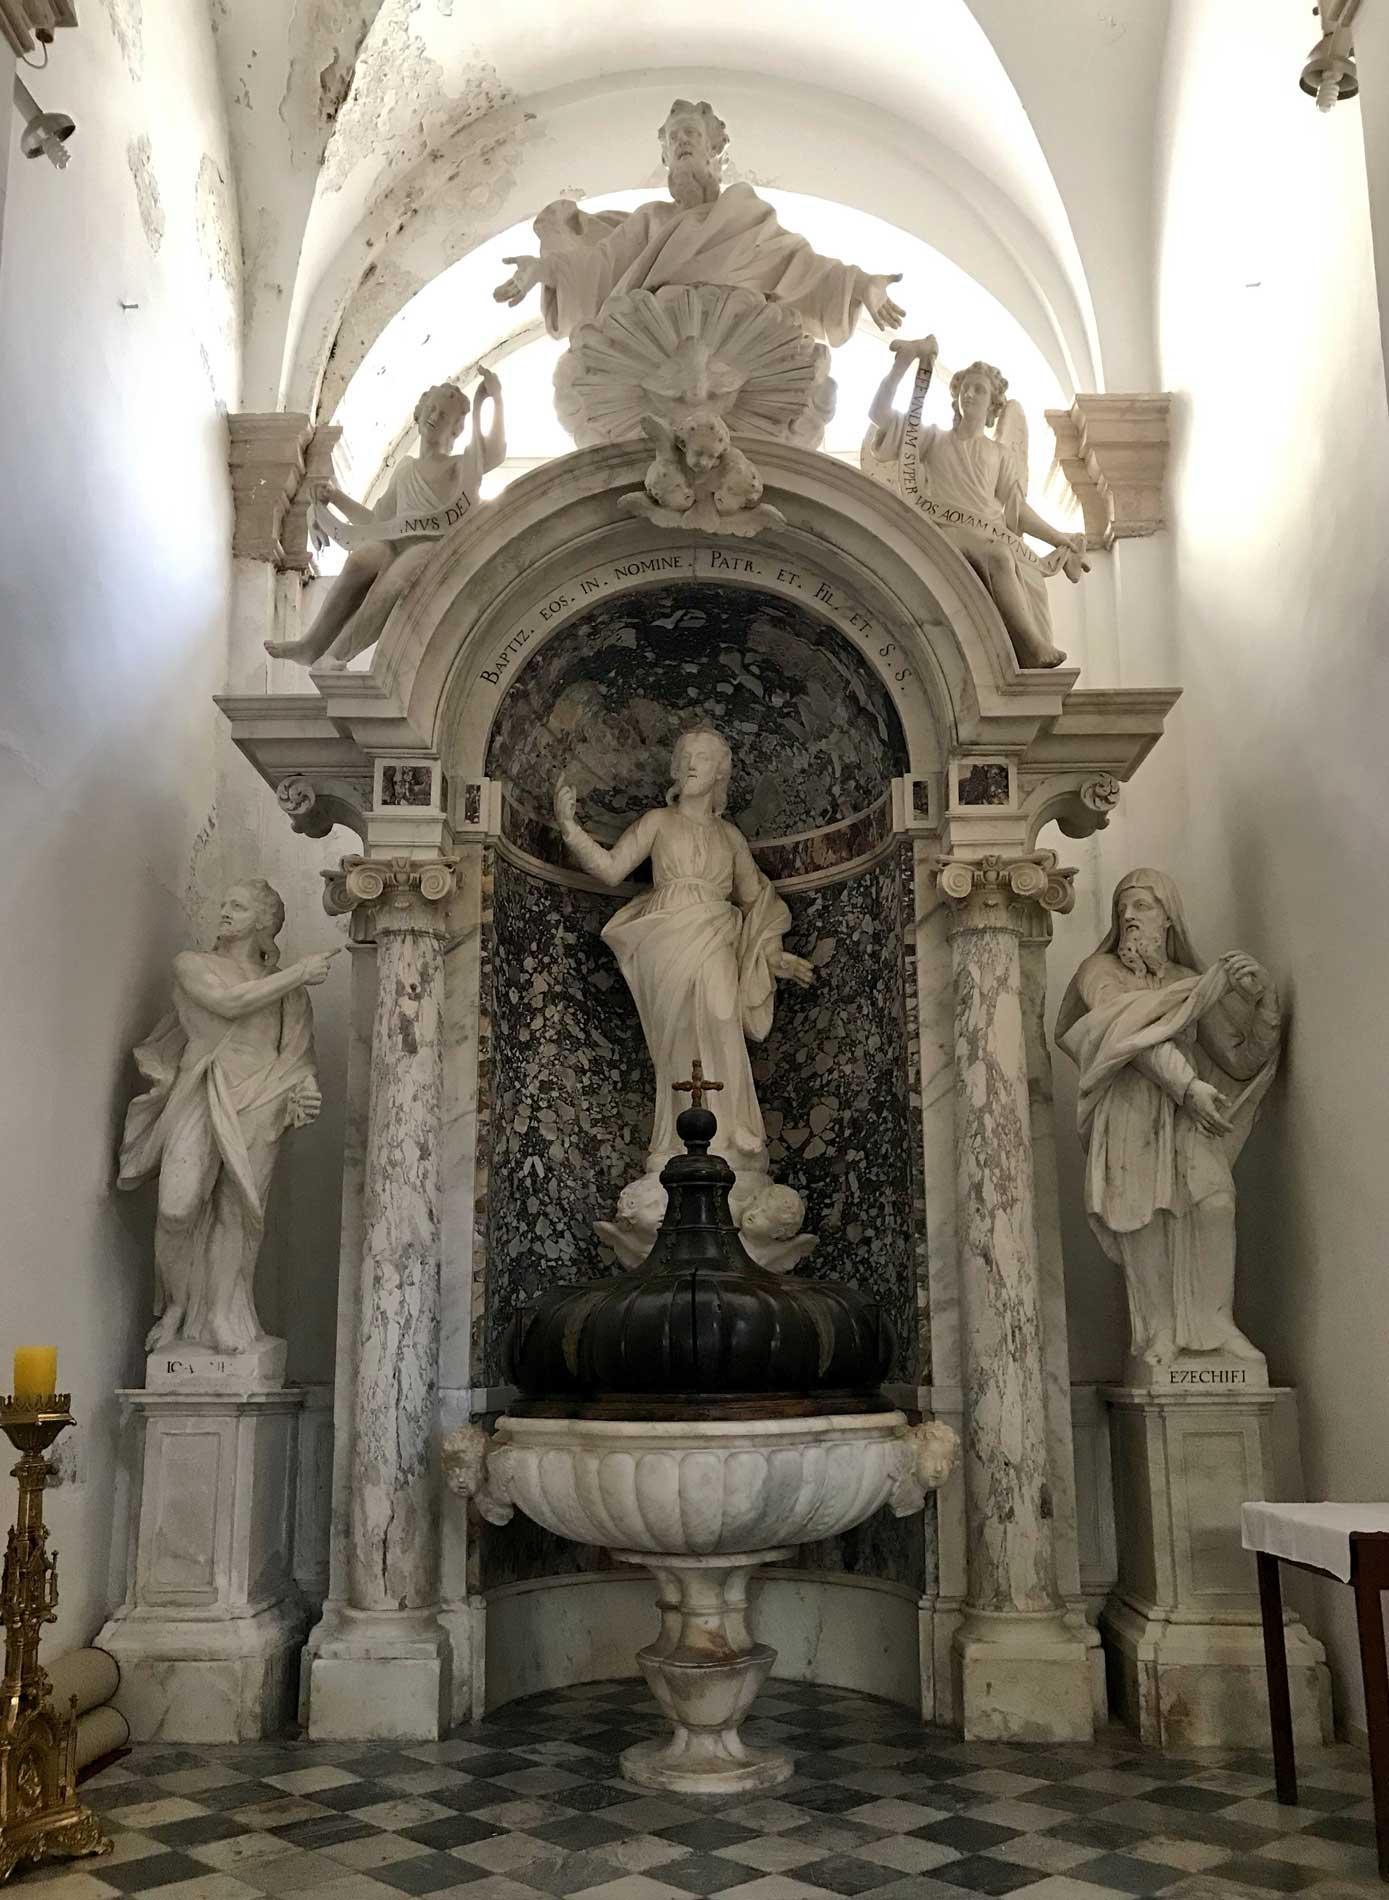 Dubrovnik-Croazia-Cattedrale-interno-cappella-statue-sculture